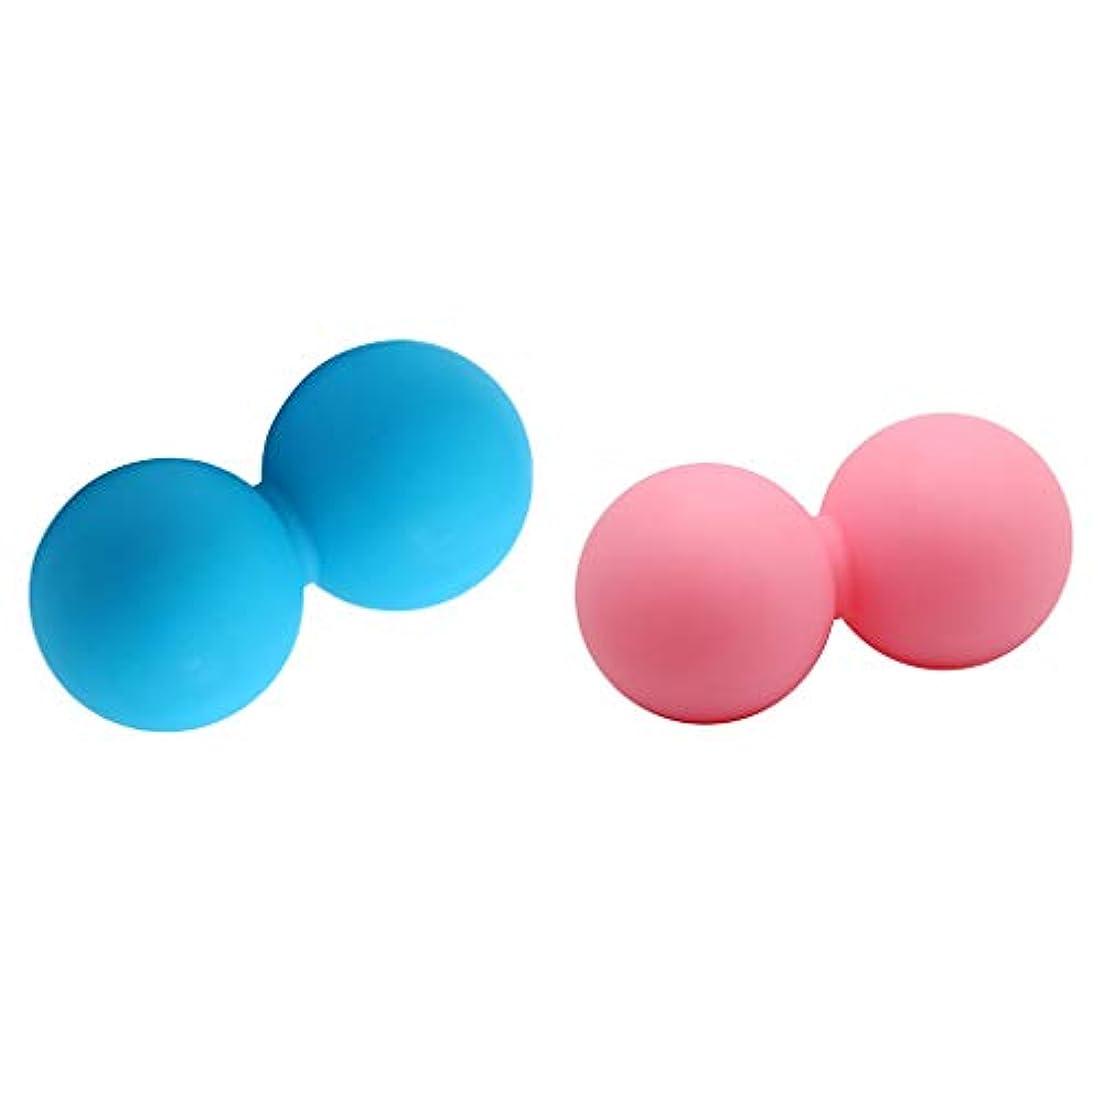 影響する自明デクリメントHellery 2ピース マッサージボール 筋膜トリガーポイント リリース マッサージ ダブル ボール シリコン